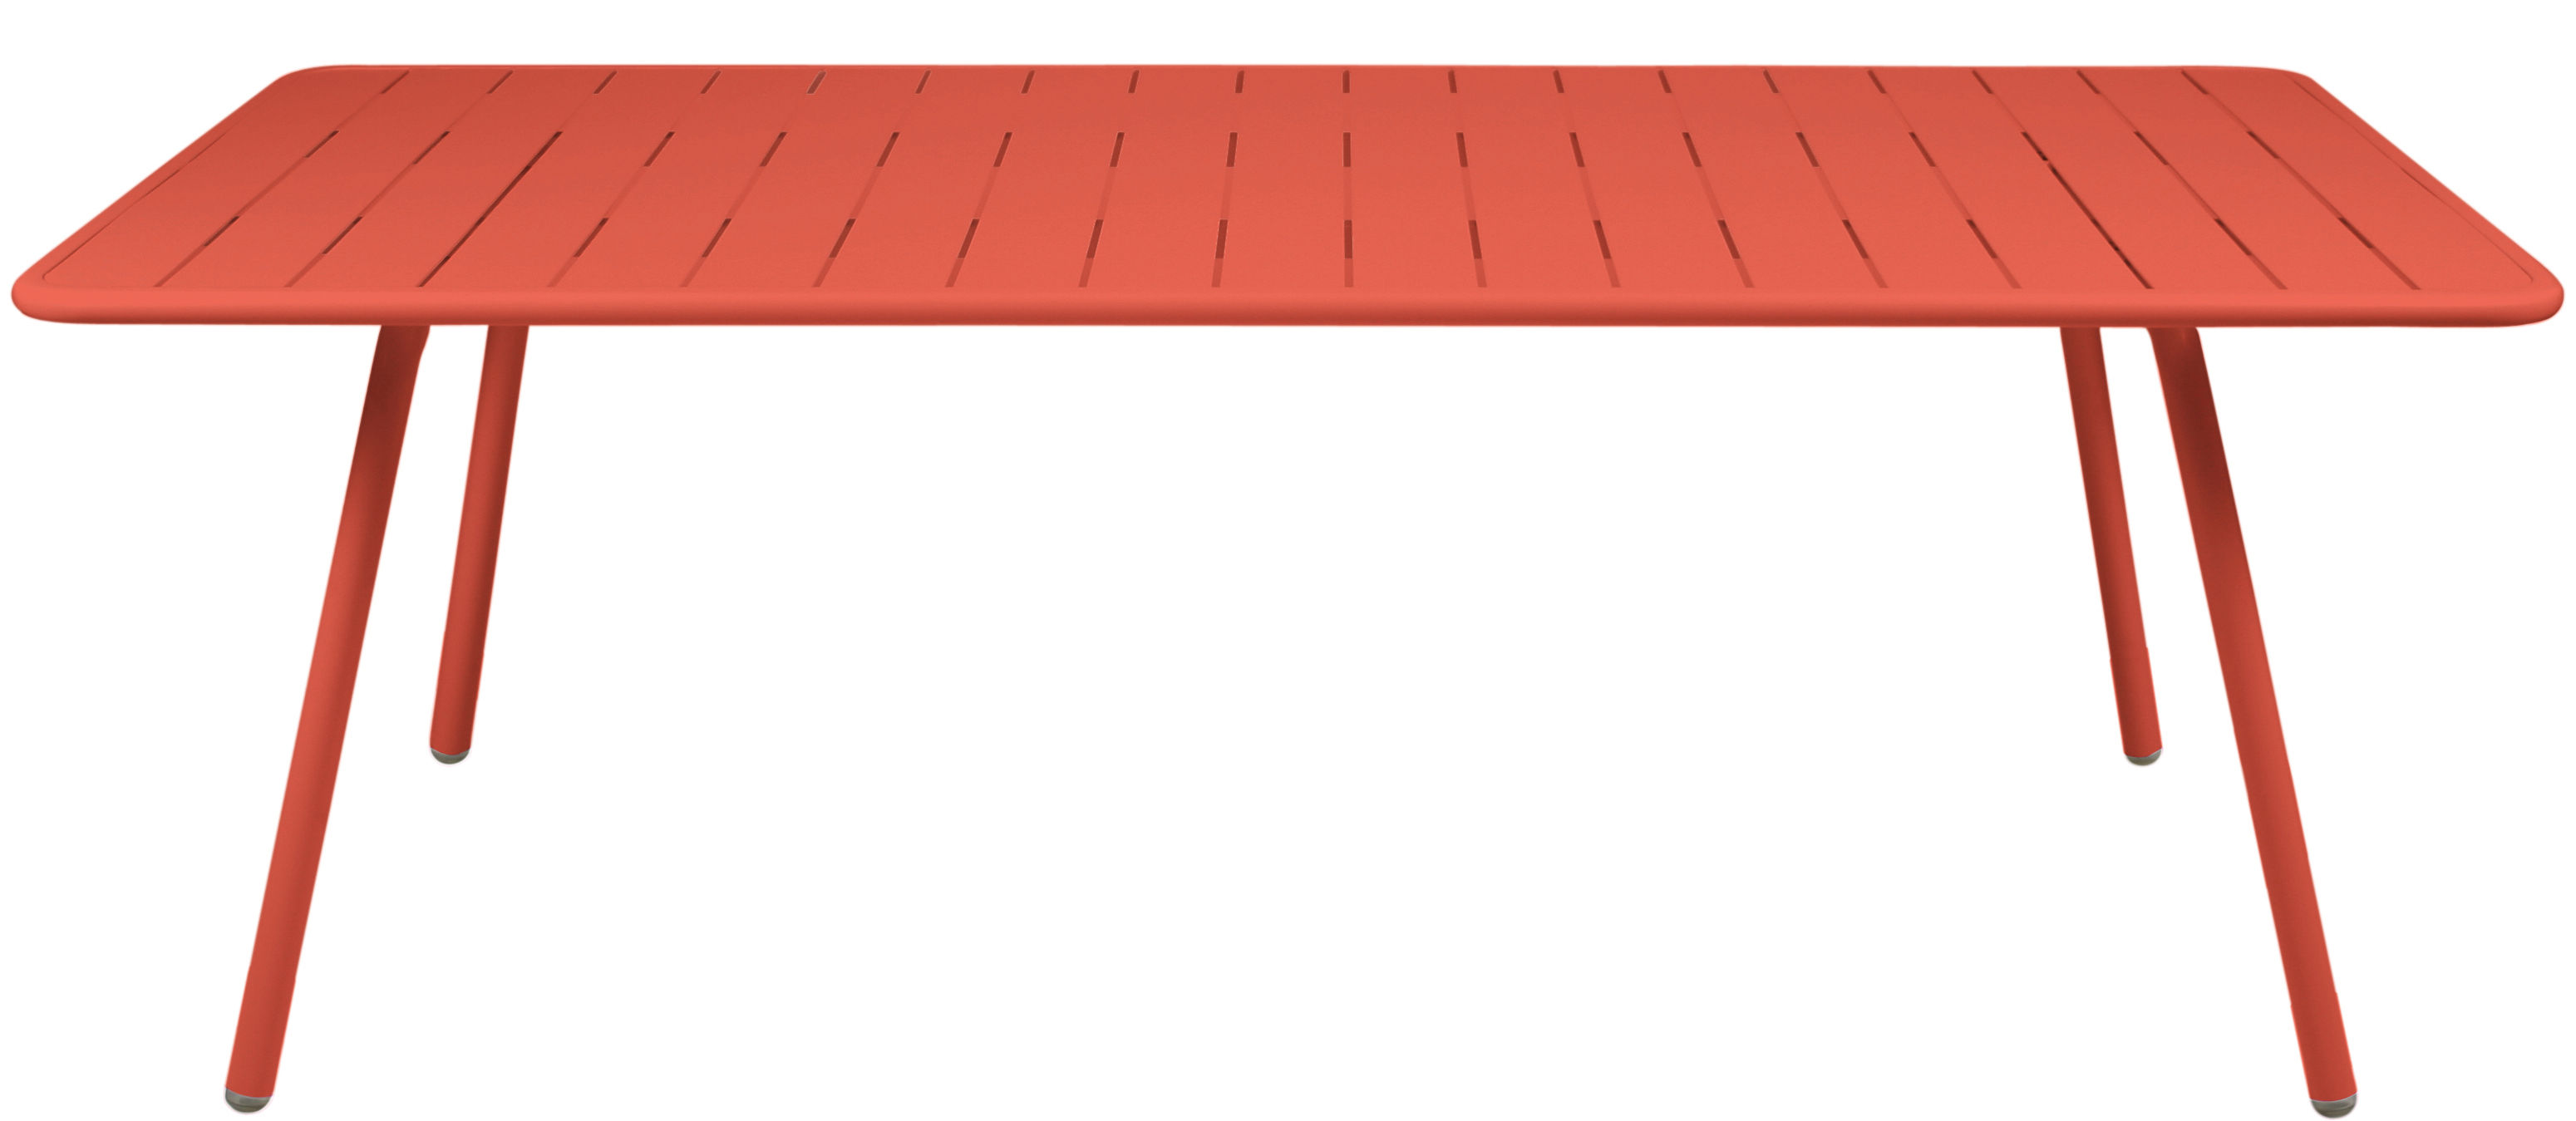 Life Style - Tavolo rettangolare Luxembourg - / 8 persone - L 207 cm di Fermob - Nasturzio - Alluminio laccato